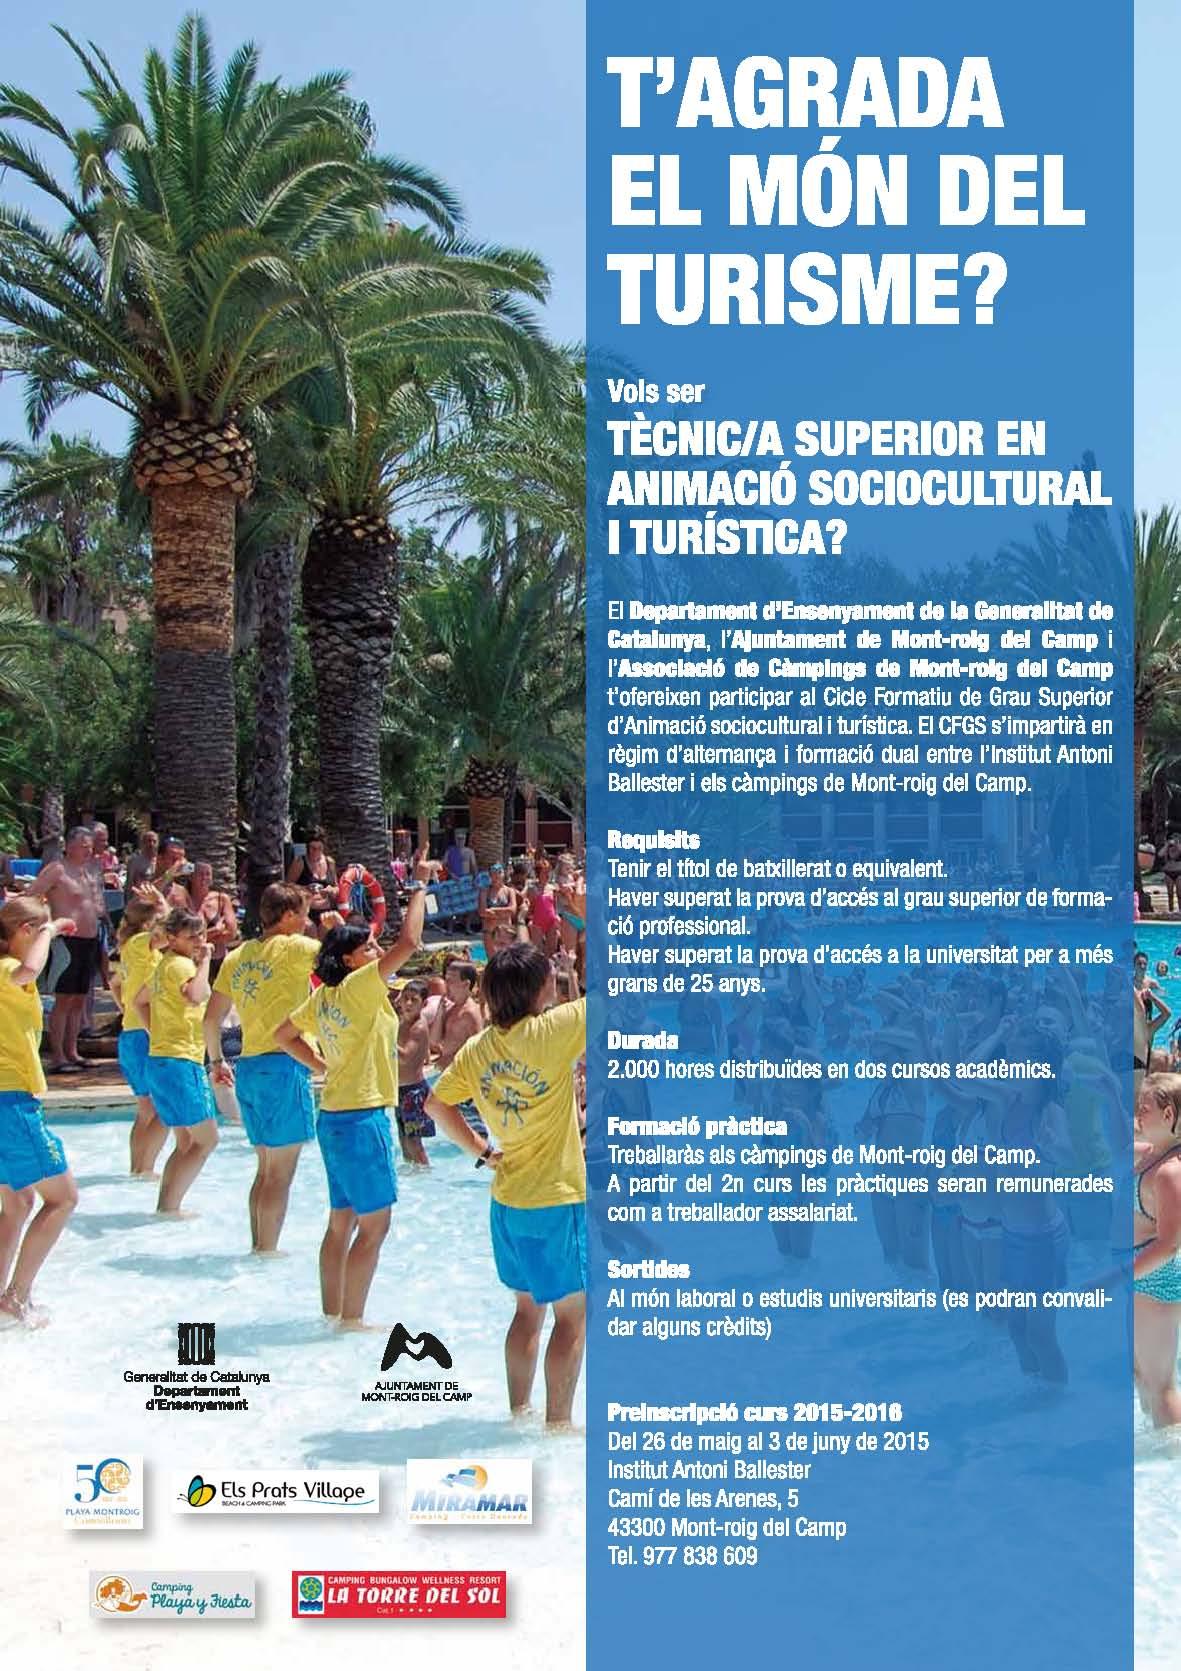 CFGS d'Animació sociocultural i turística especialitzat en càmpings